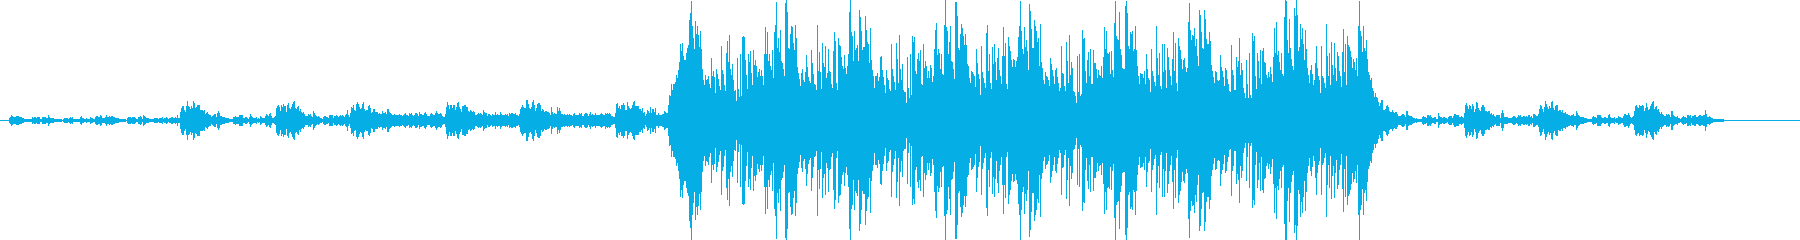 パニック系オーケストラ曲の再生済みの波形